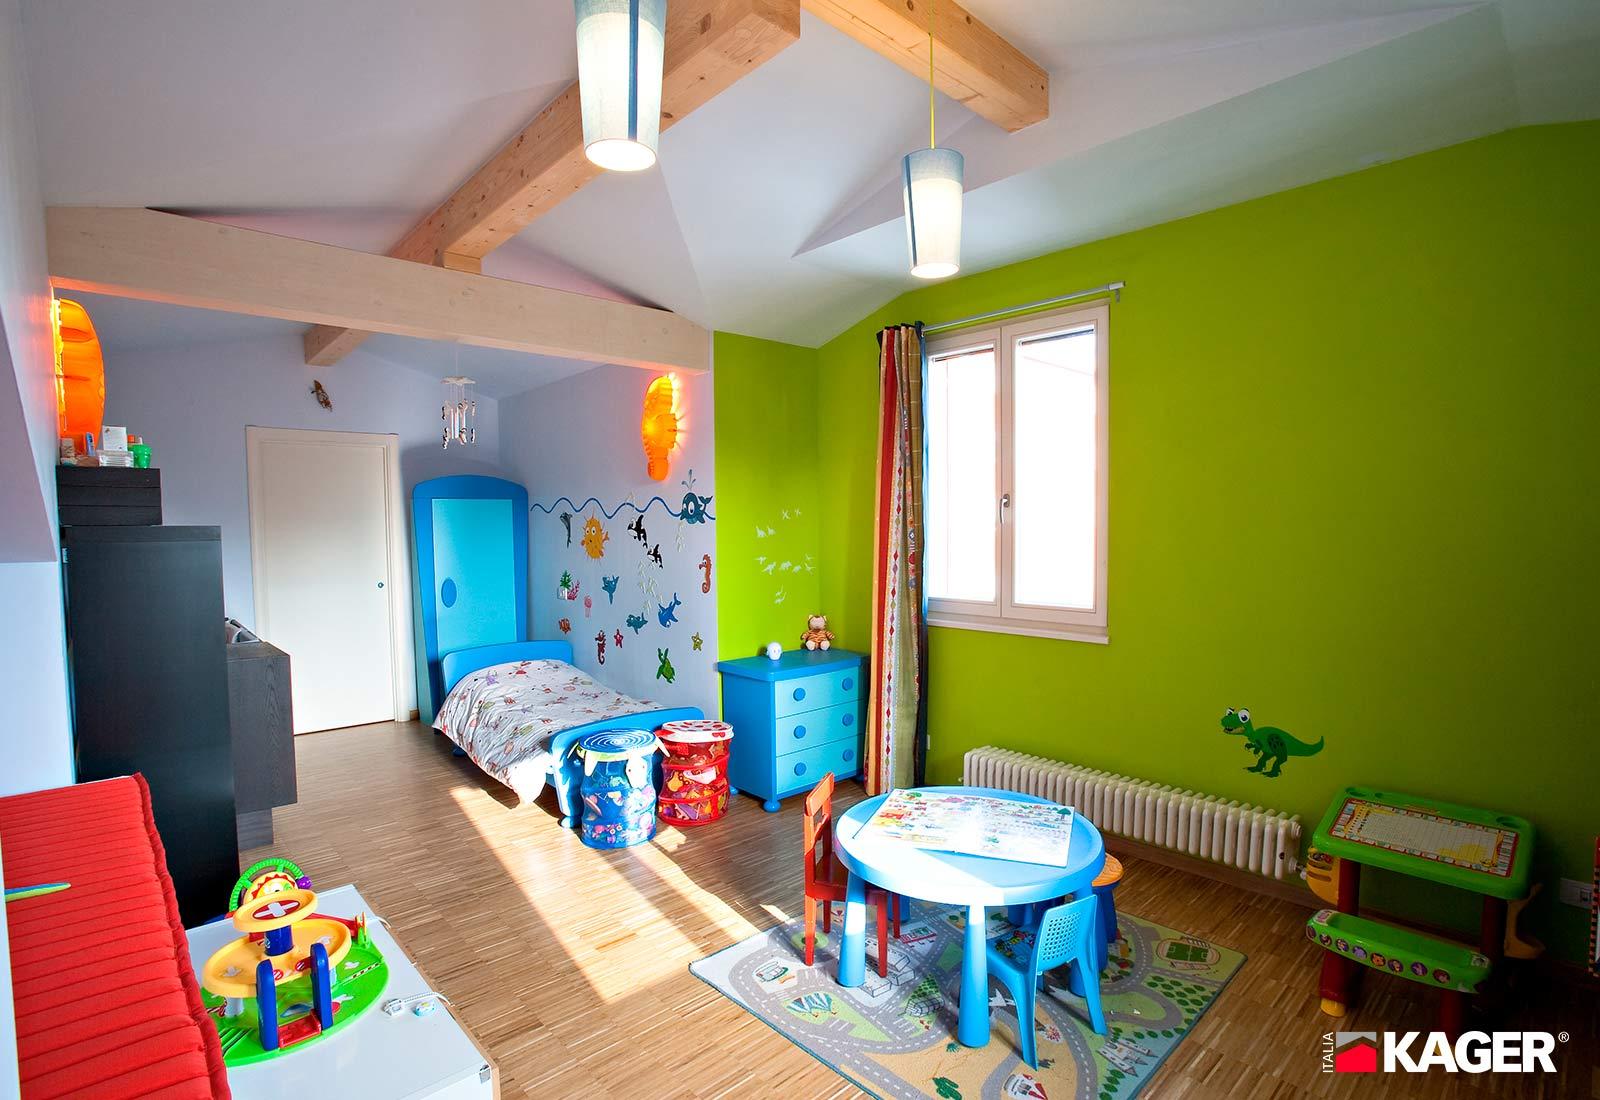 Casa-in-legno-Parma-sopraelevazione-Kager-Italia-09